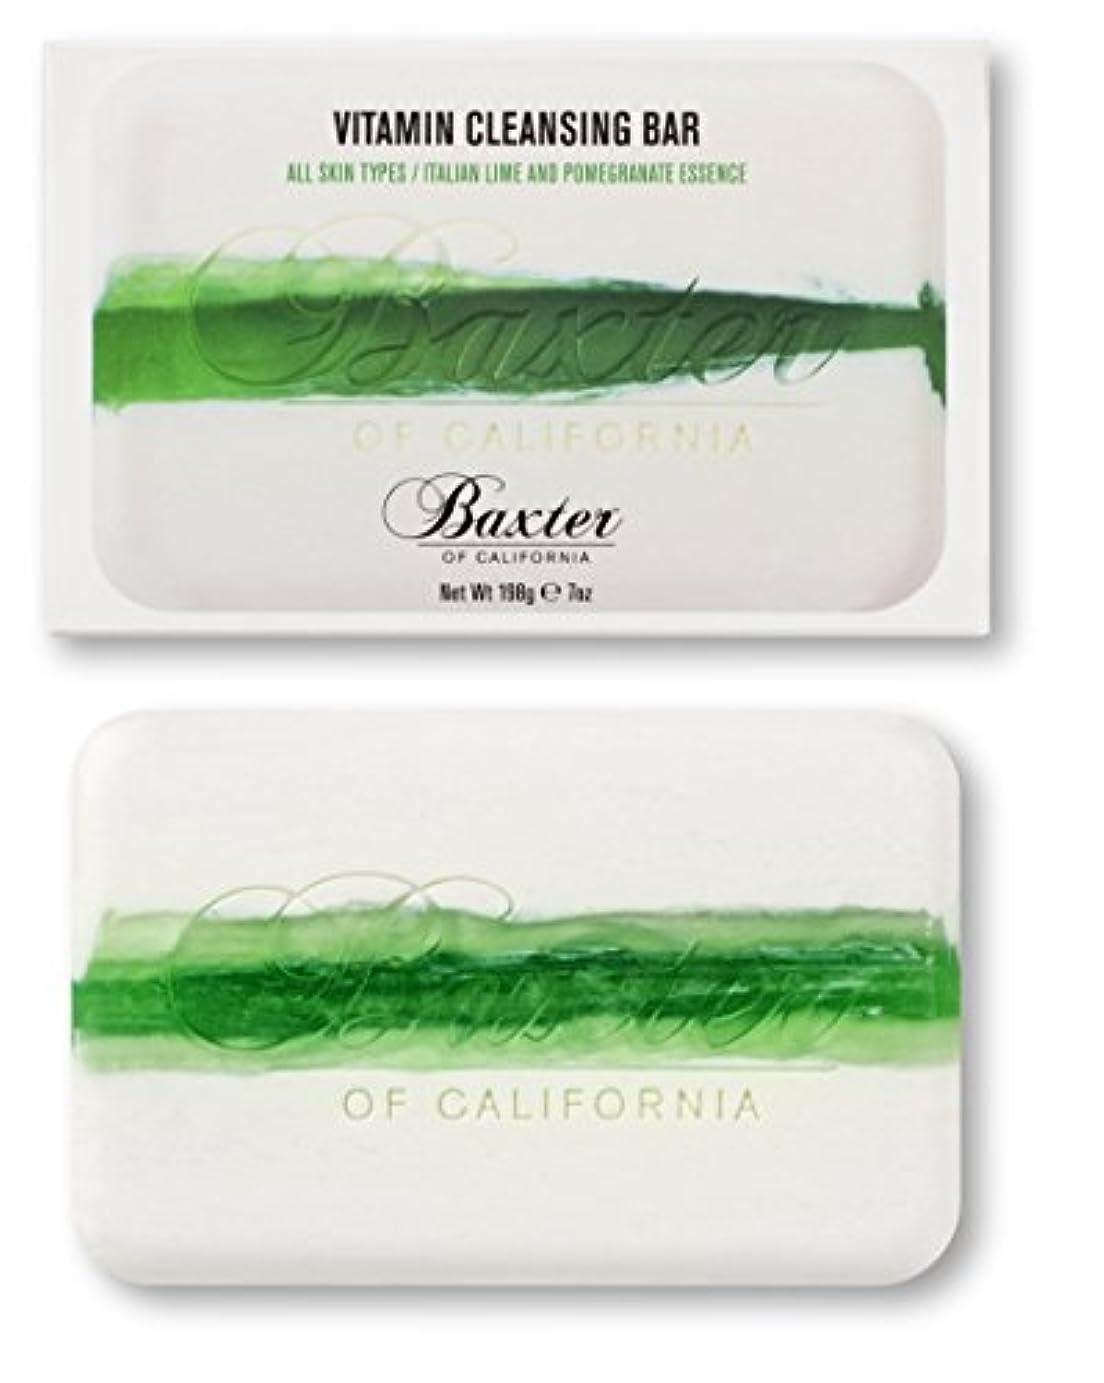 通常組み合わせるパイルBaxter OF CALIFORNIA(バクスター オブ カリフォルニア) ビタミンクレンジングバー イタリアンライム&ポメグラネート 198g